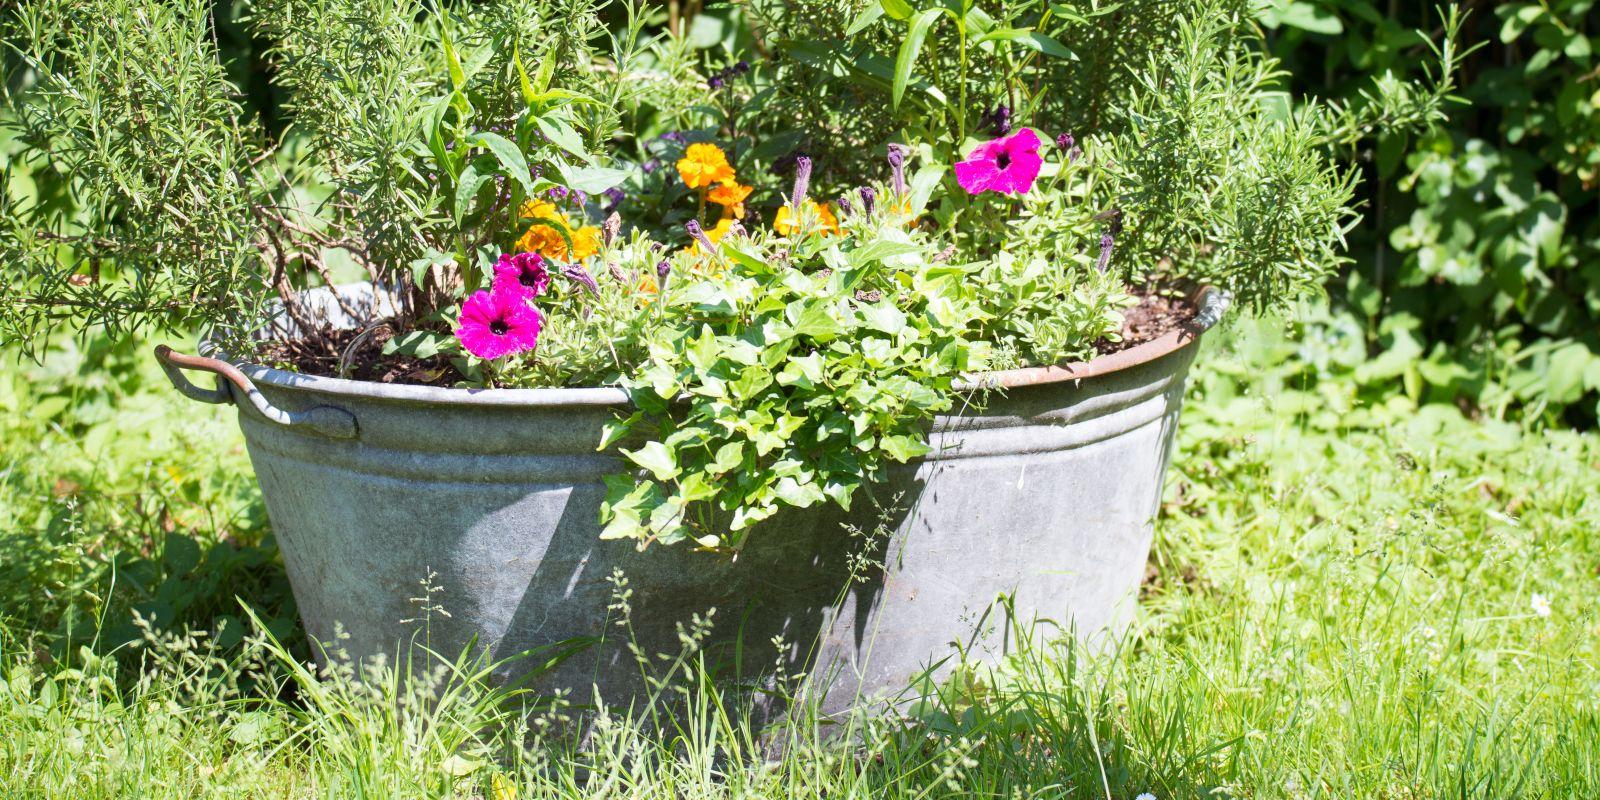 Zink im Garten - Comeback eines Klassikers